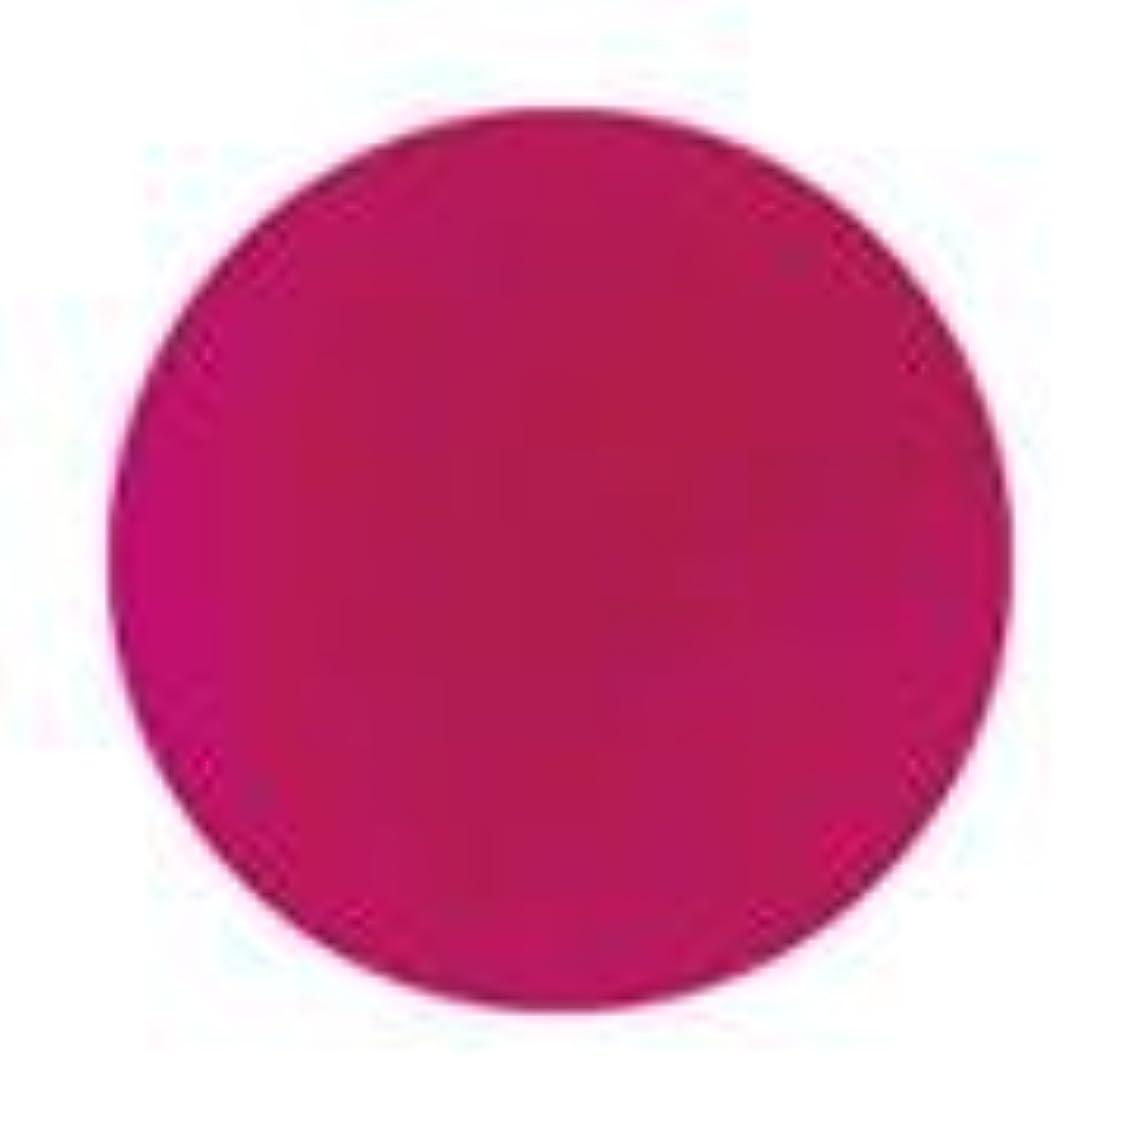 ひねりテントシチリアJessica ジェレレーション カラー 15ml  463 パッションネイトキッシーズ